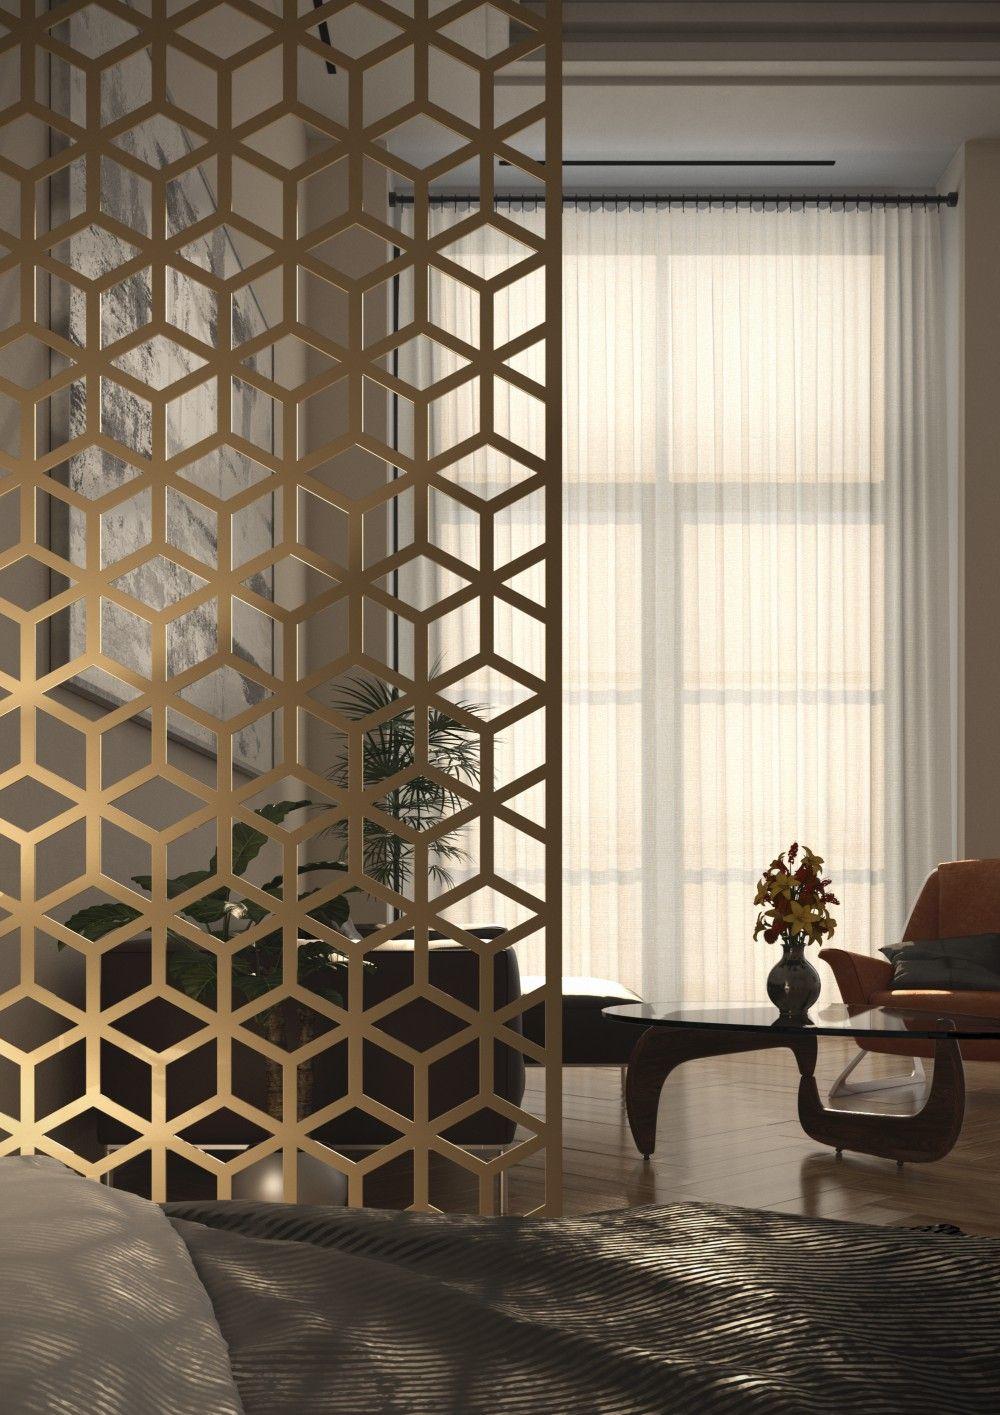 Elegant Mashrabiya Decorative Screen As A Room Divider